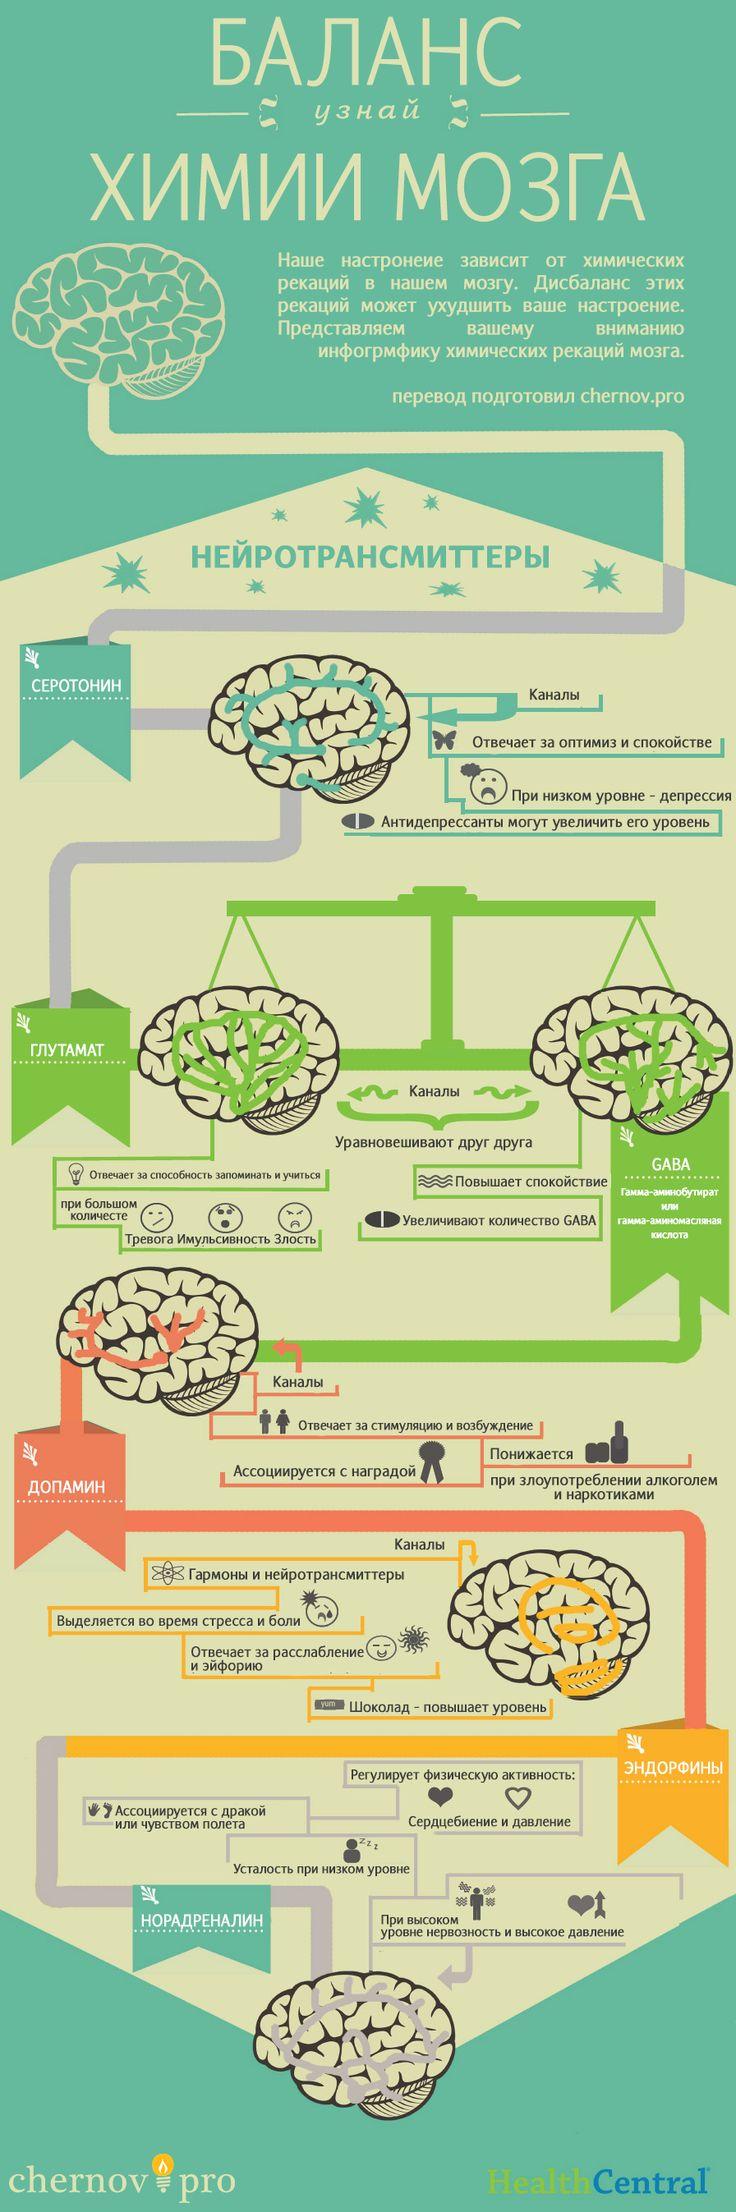 Влияние гормонов мозга на настроение - Секретные материалы SemDorog.ru